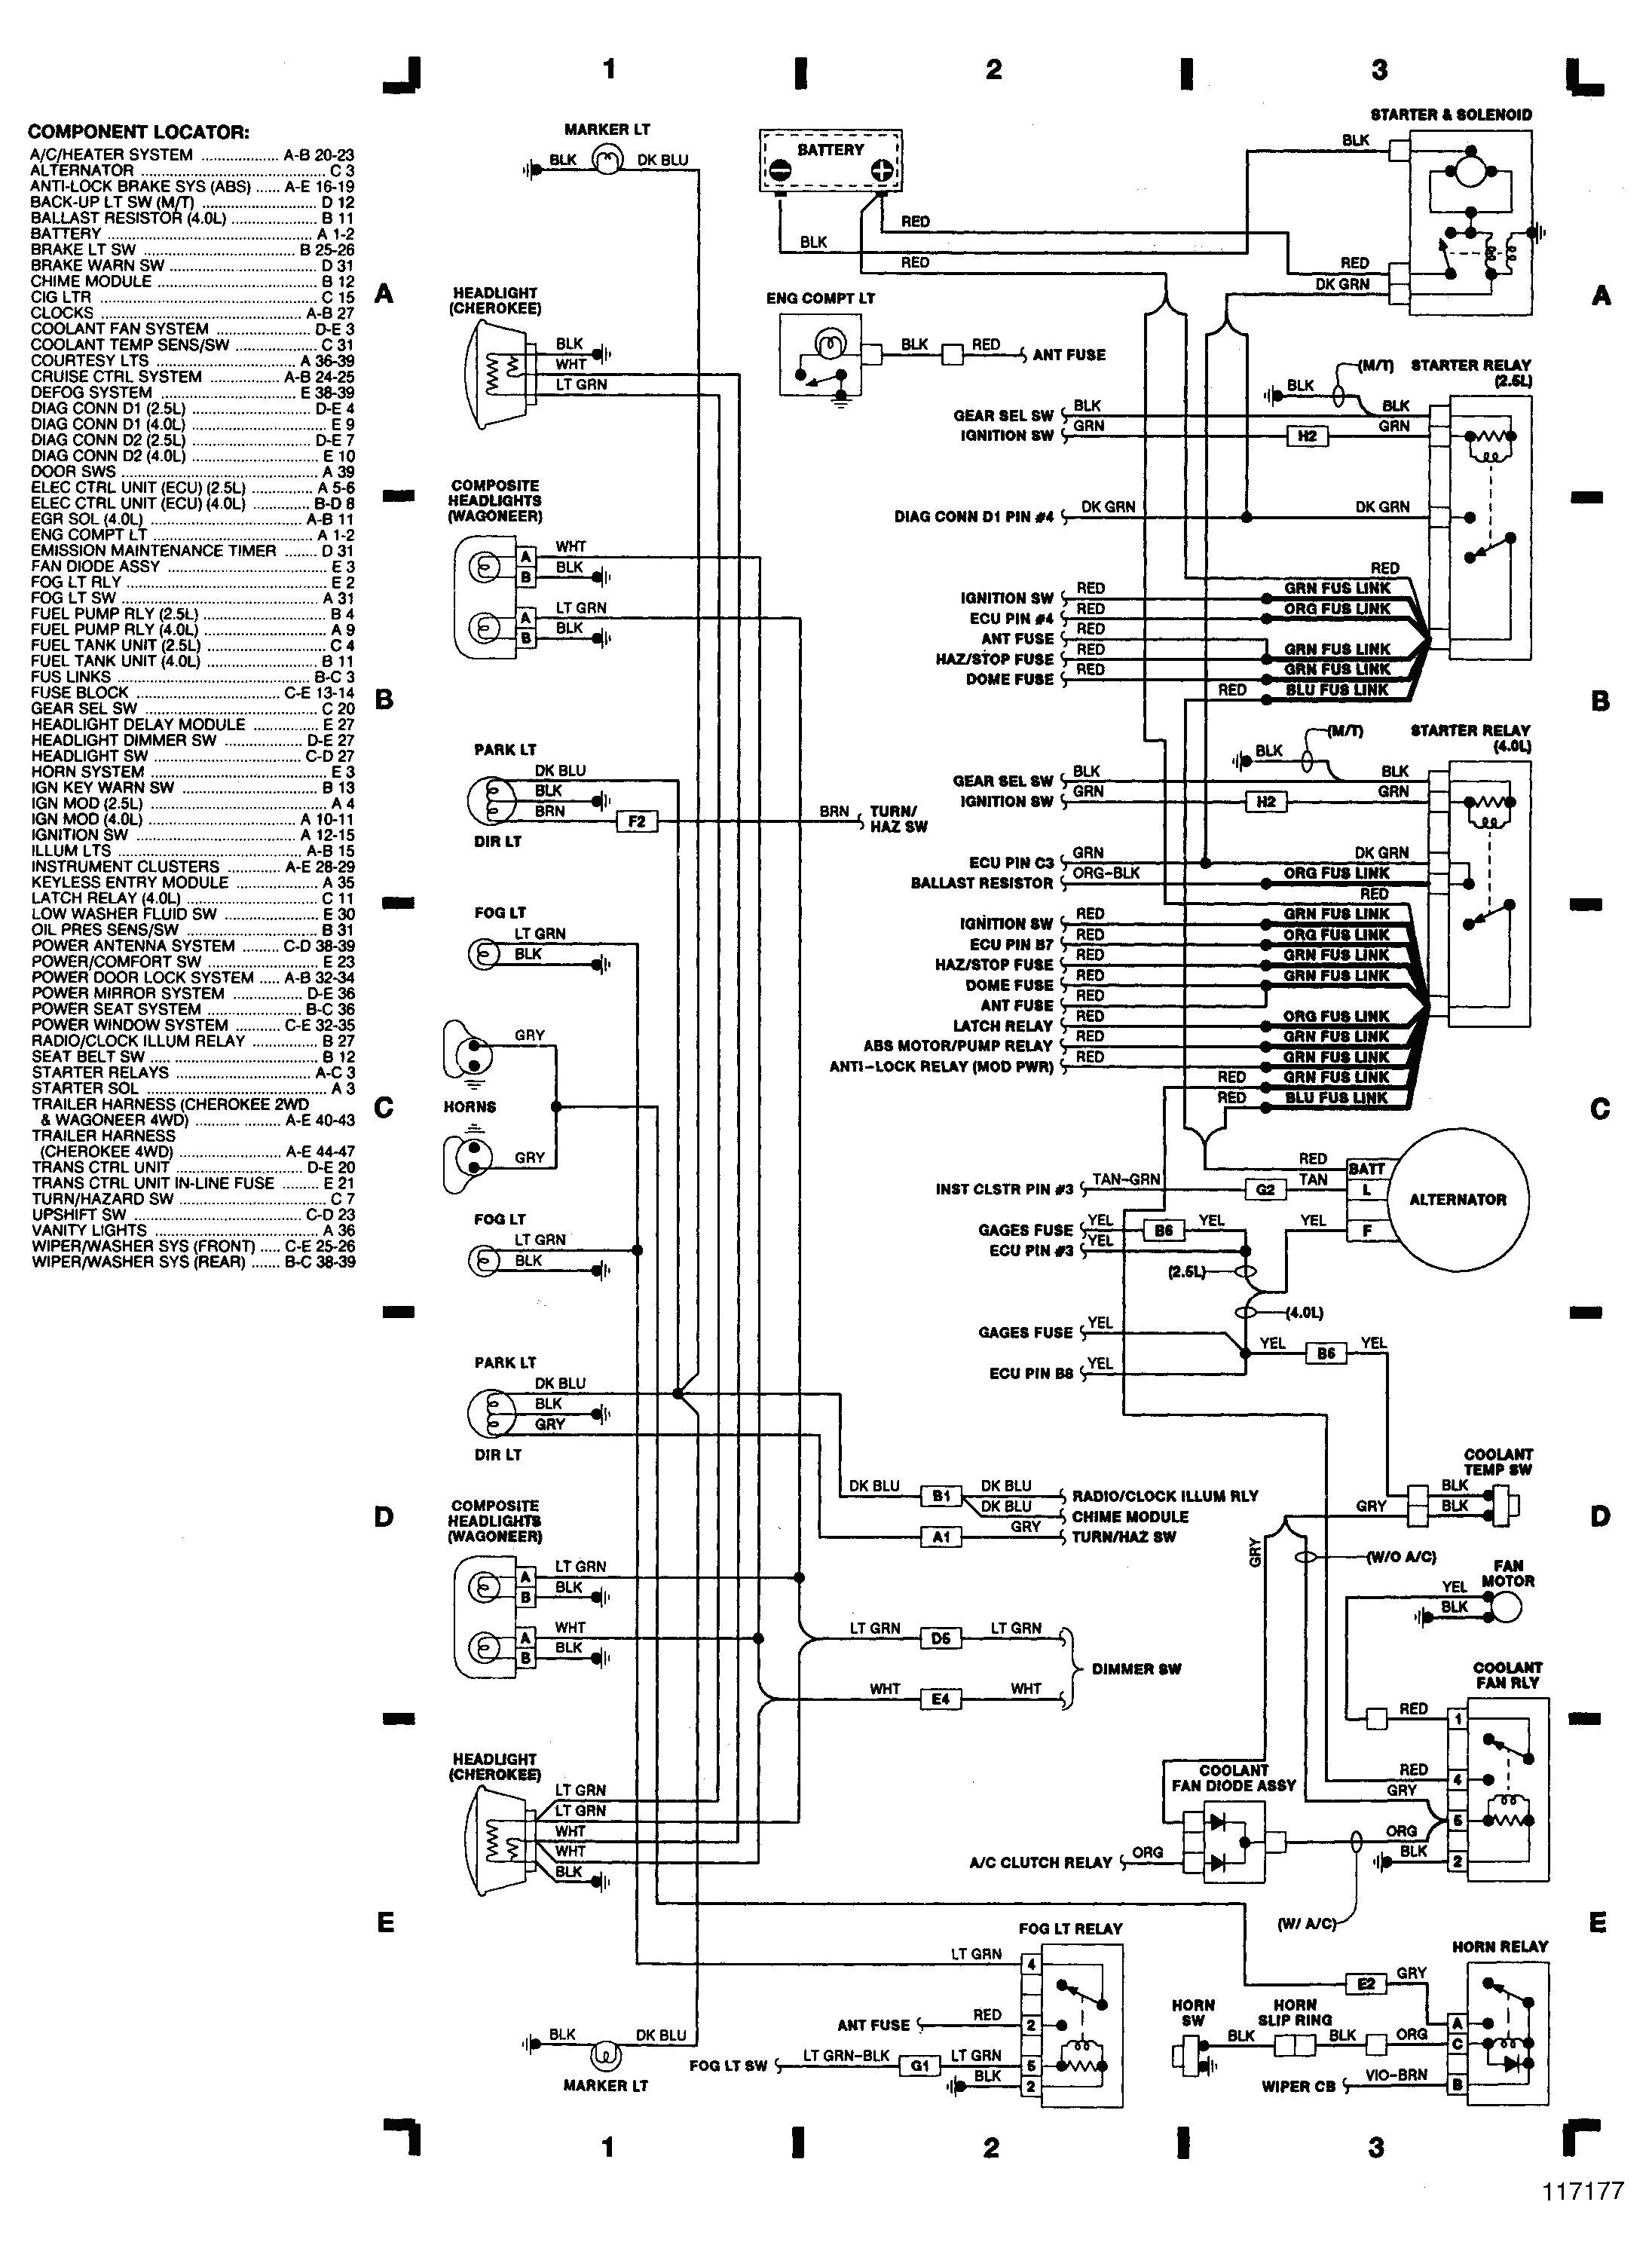 John Deere 2955 Wiring Diagram - seniorsclub.it schematic-unique - schematic -unique.pietrodavico.itPietro da Vico